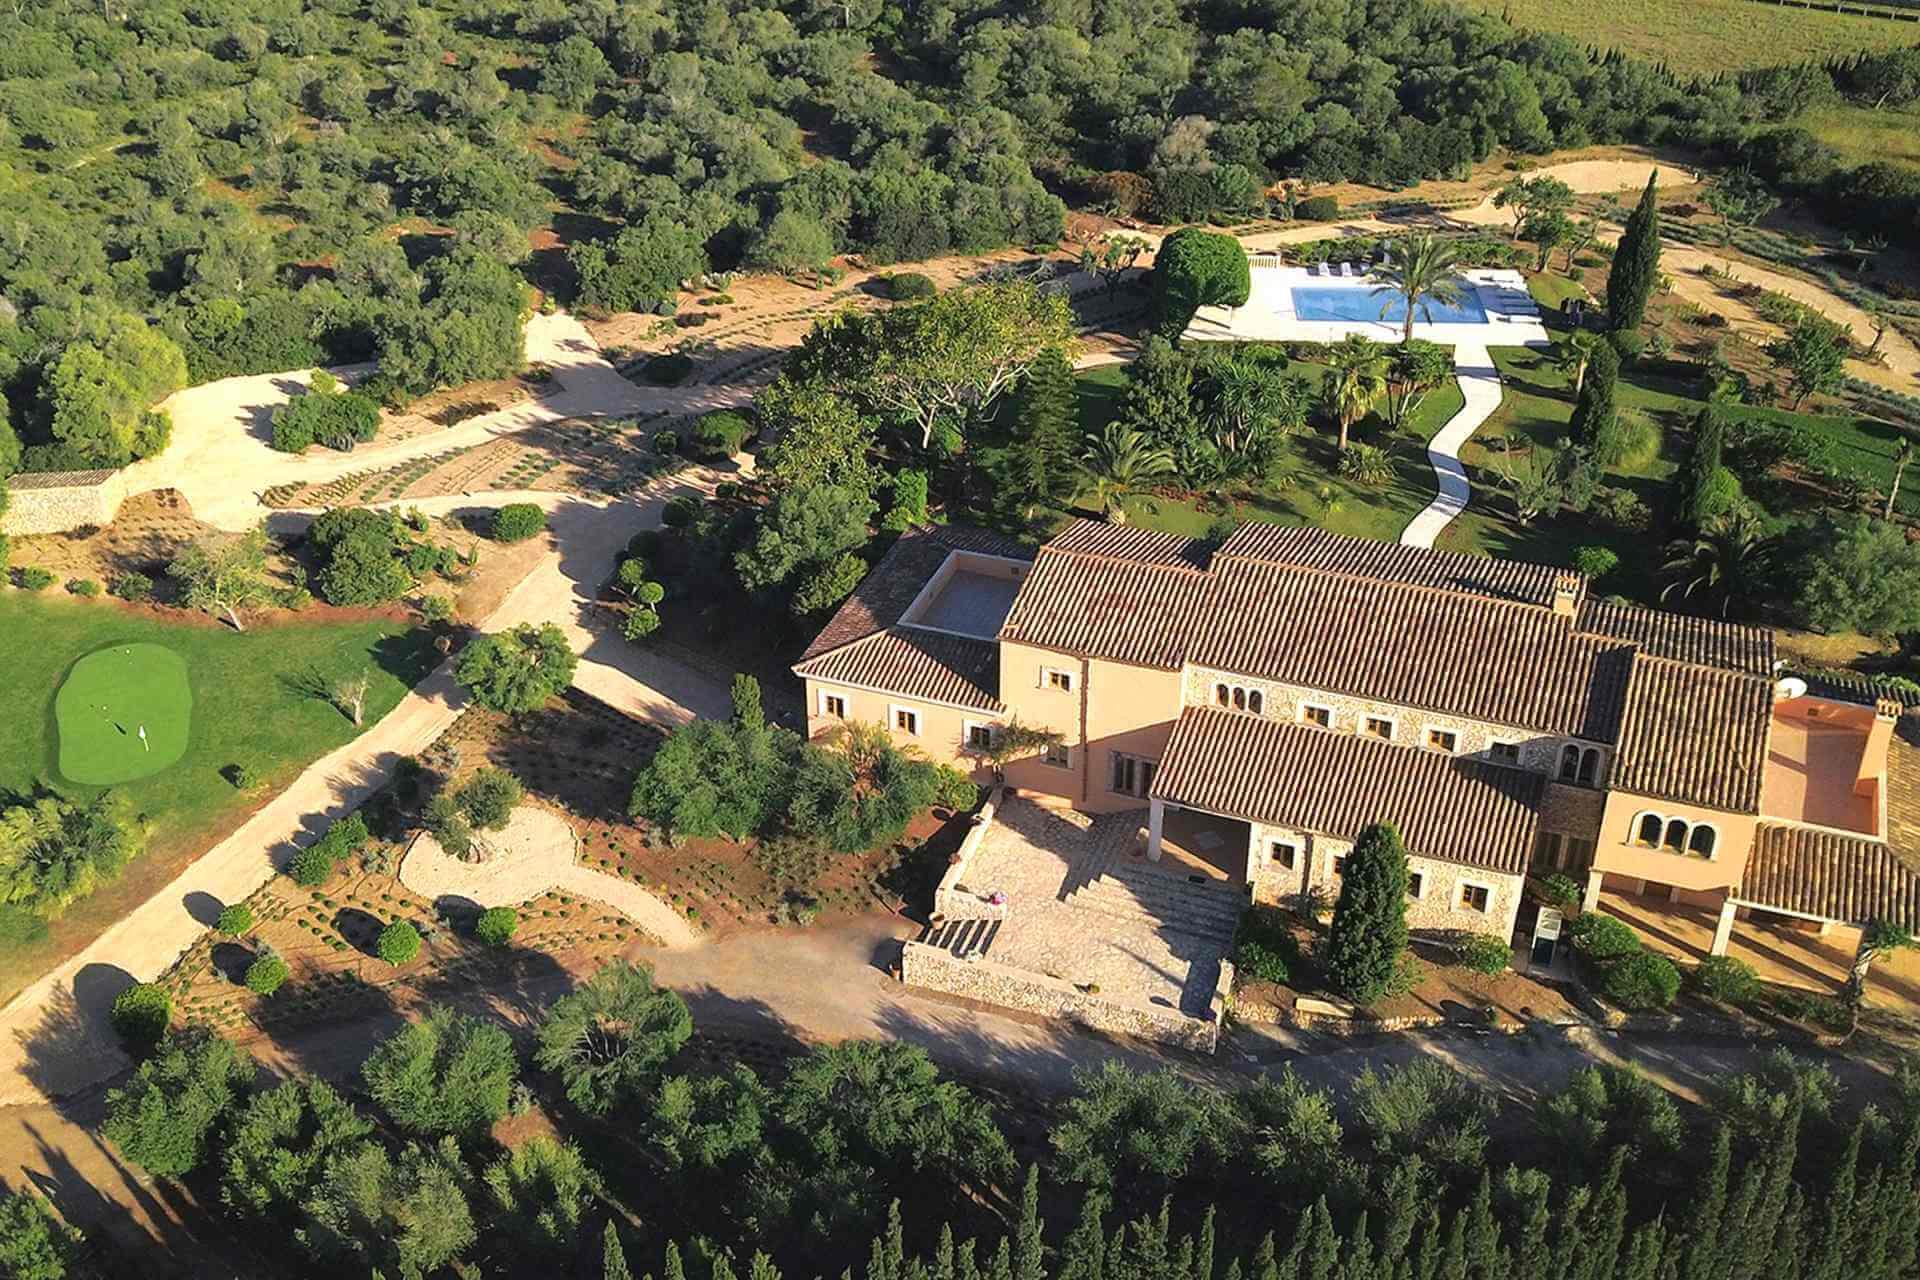 01-319 huge luxury finca mallorca east Bild 2